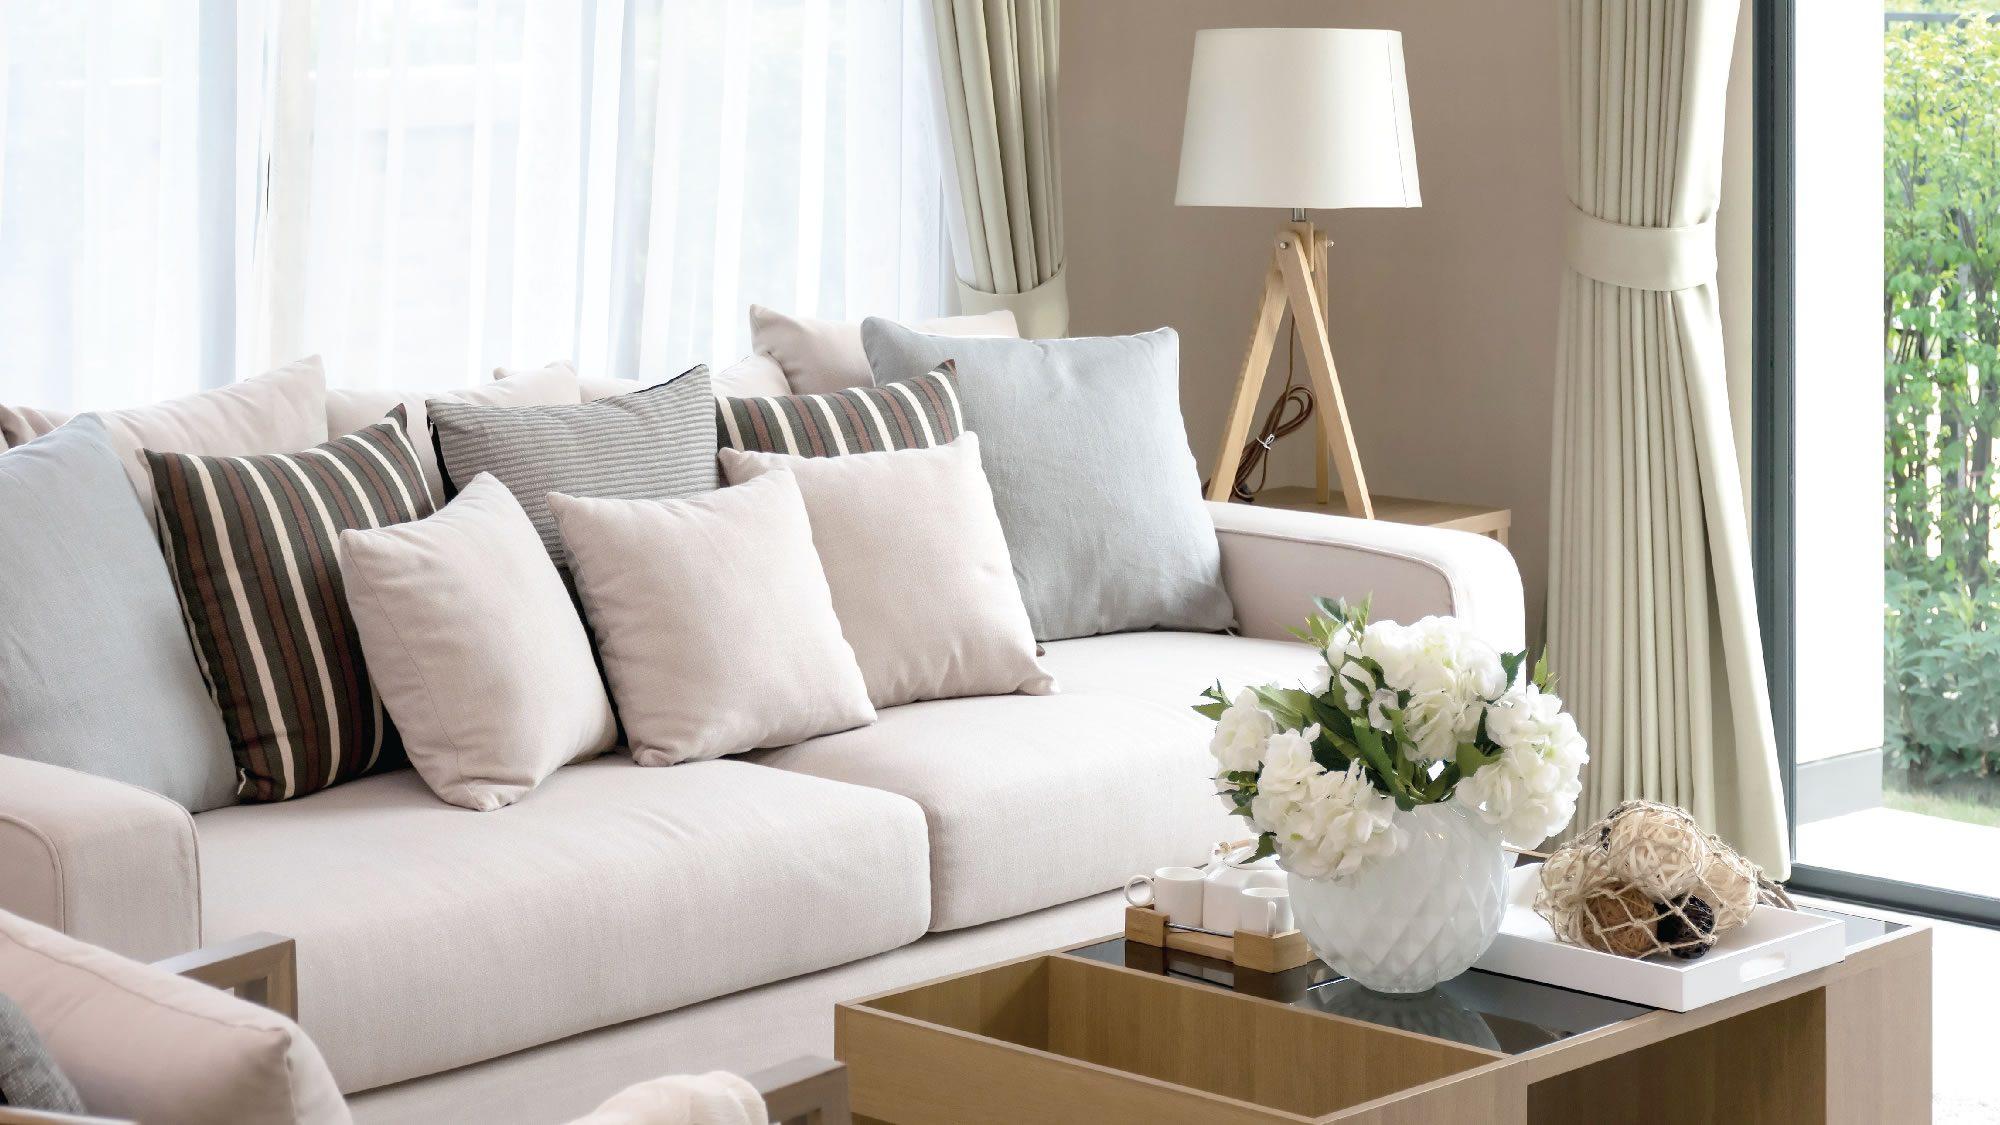 Hal yang Mungkin Terjadi pada Sofa yang Tak Pernah Dicuci